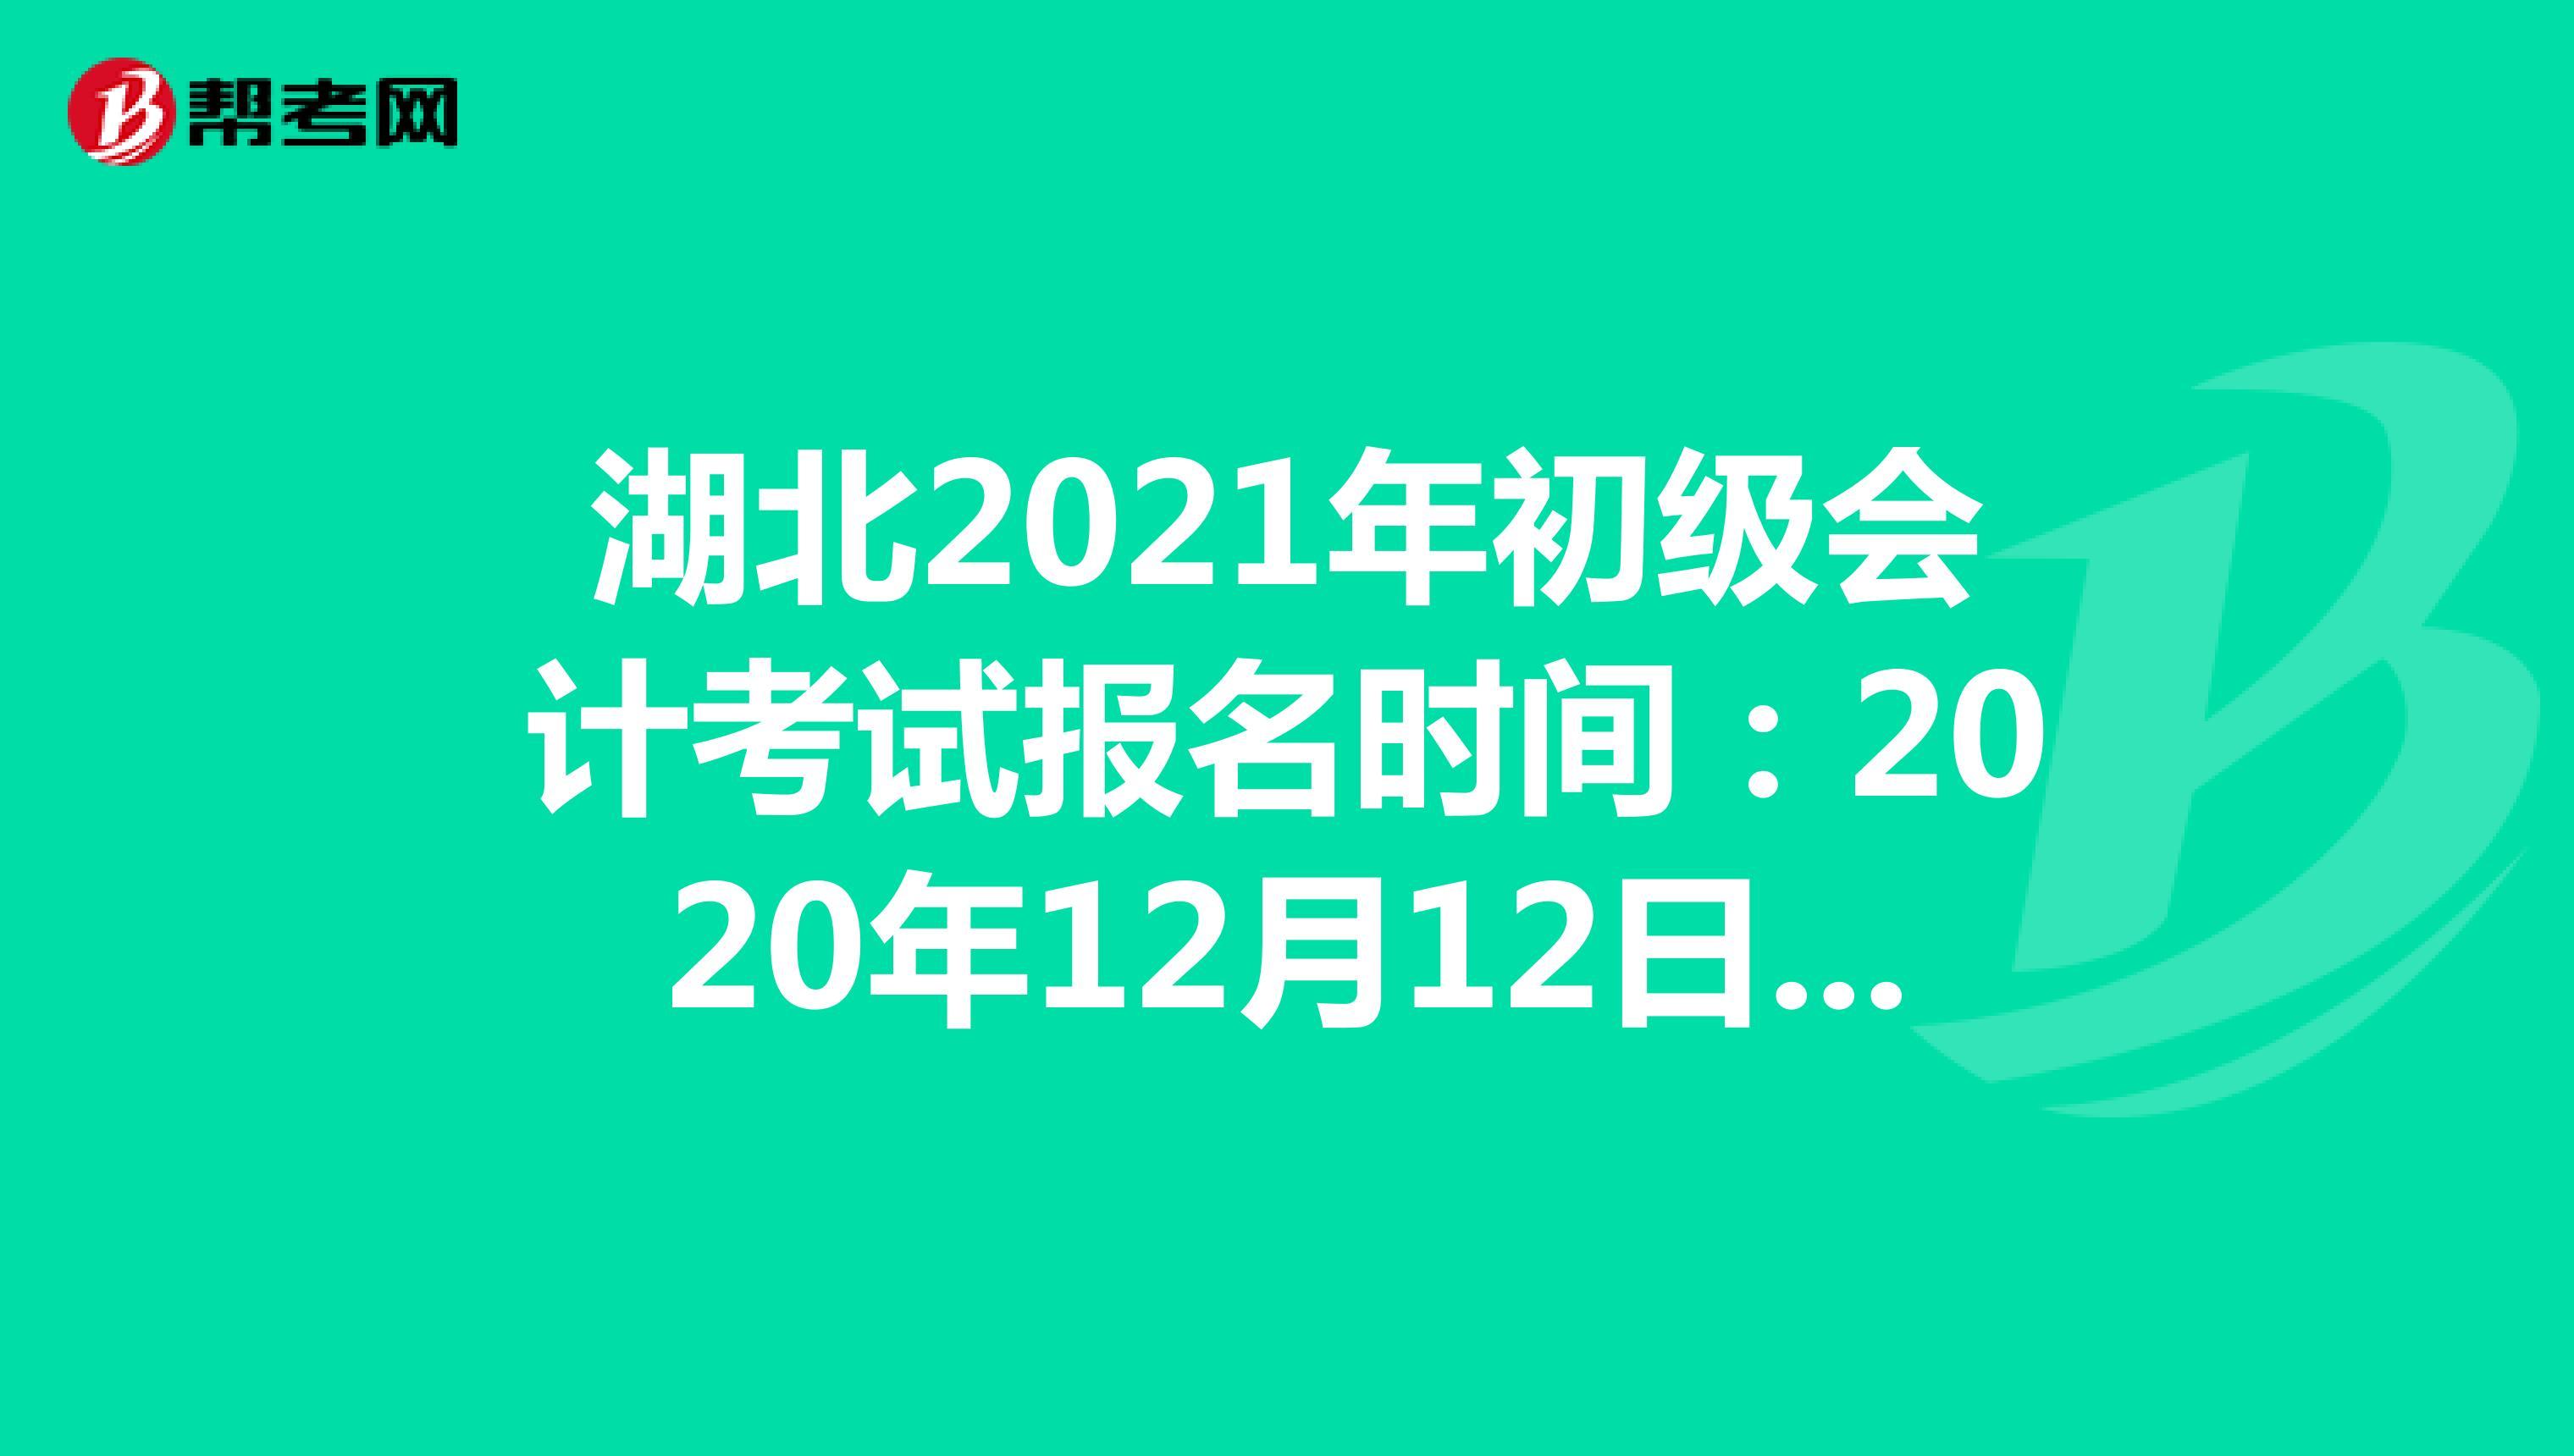 湖北2021年初级会计考试报名时间:2020年12月12日-25日